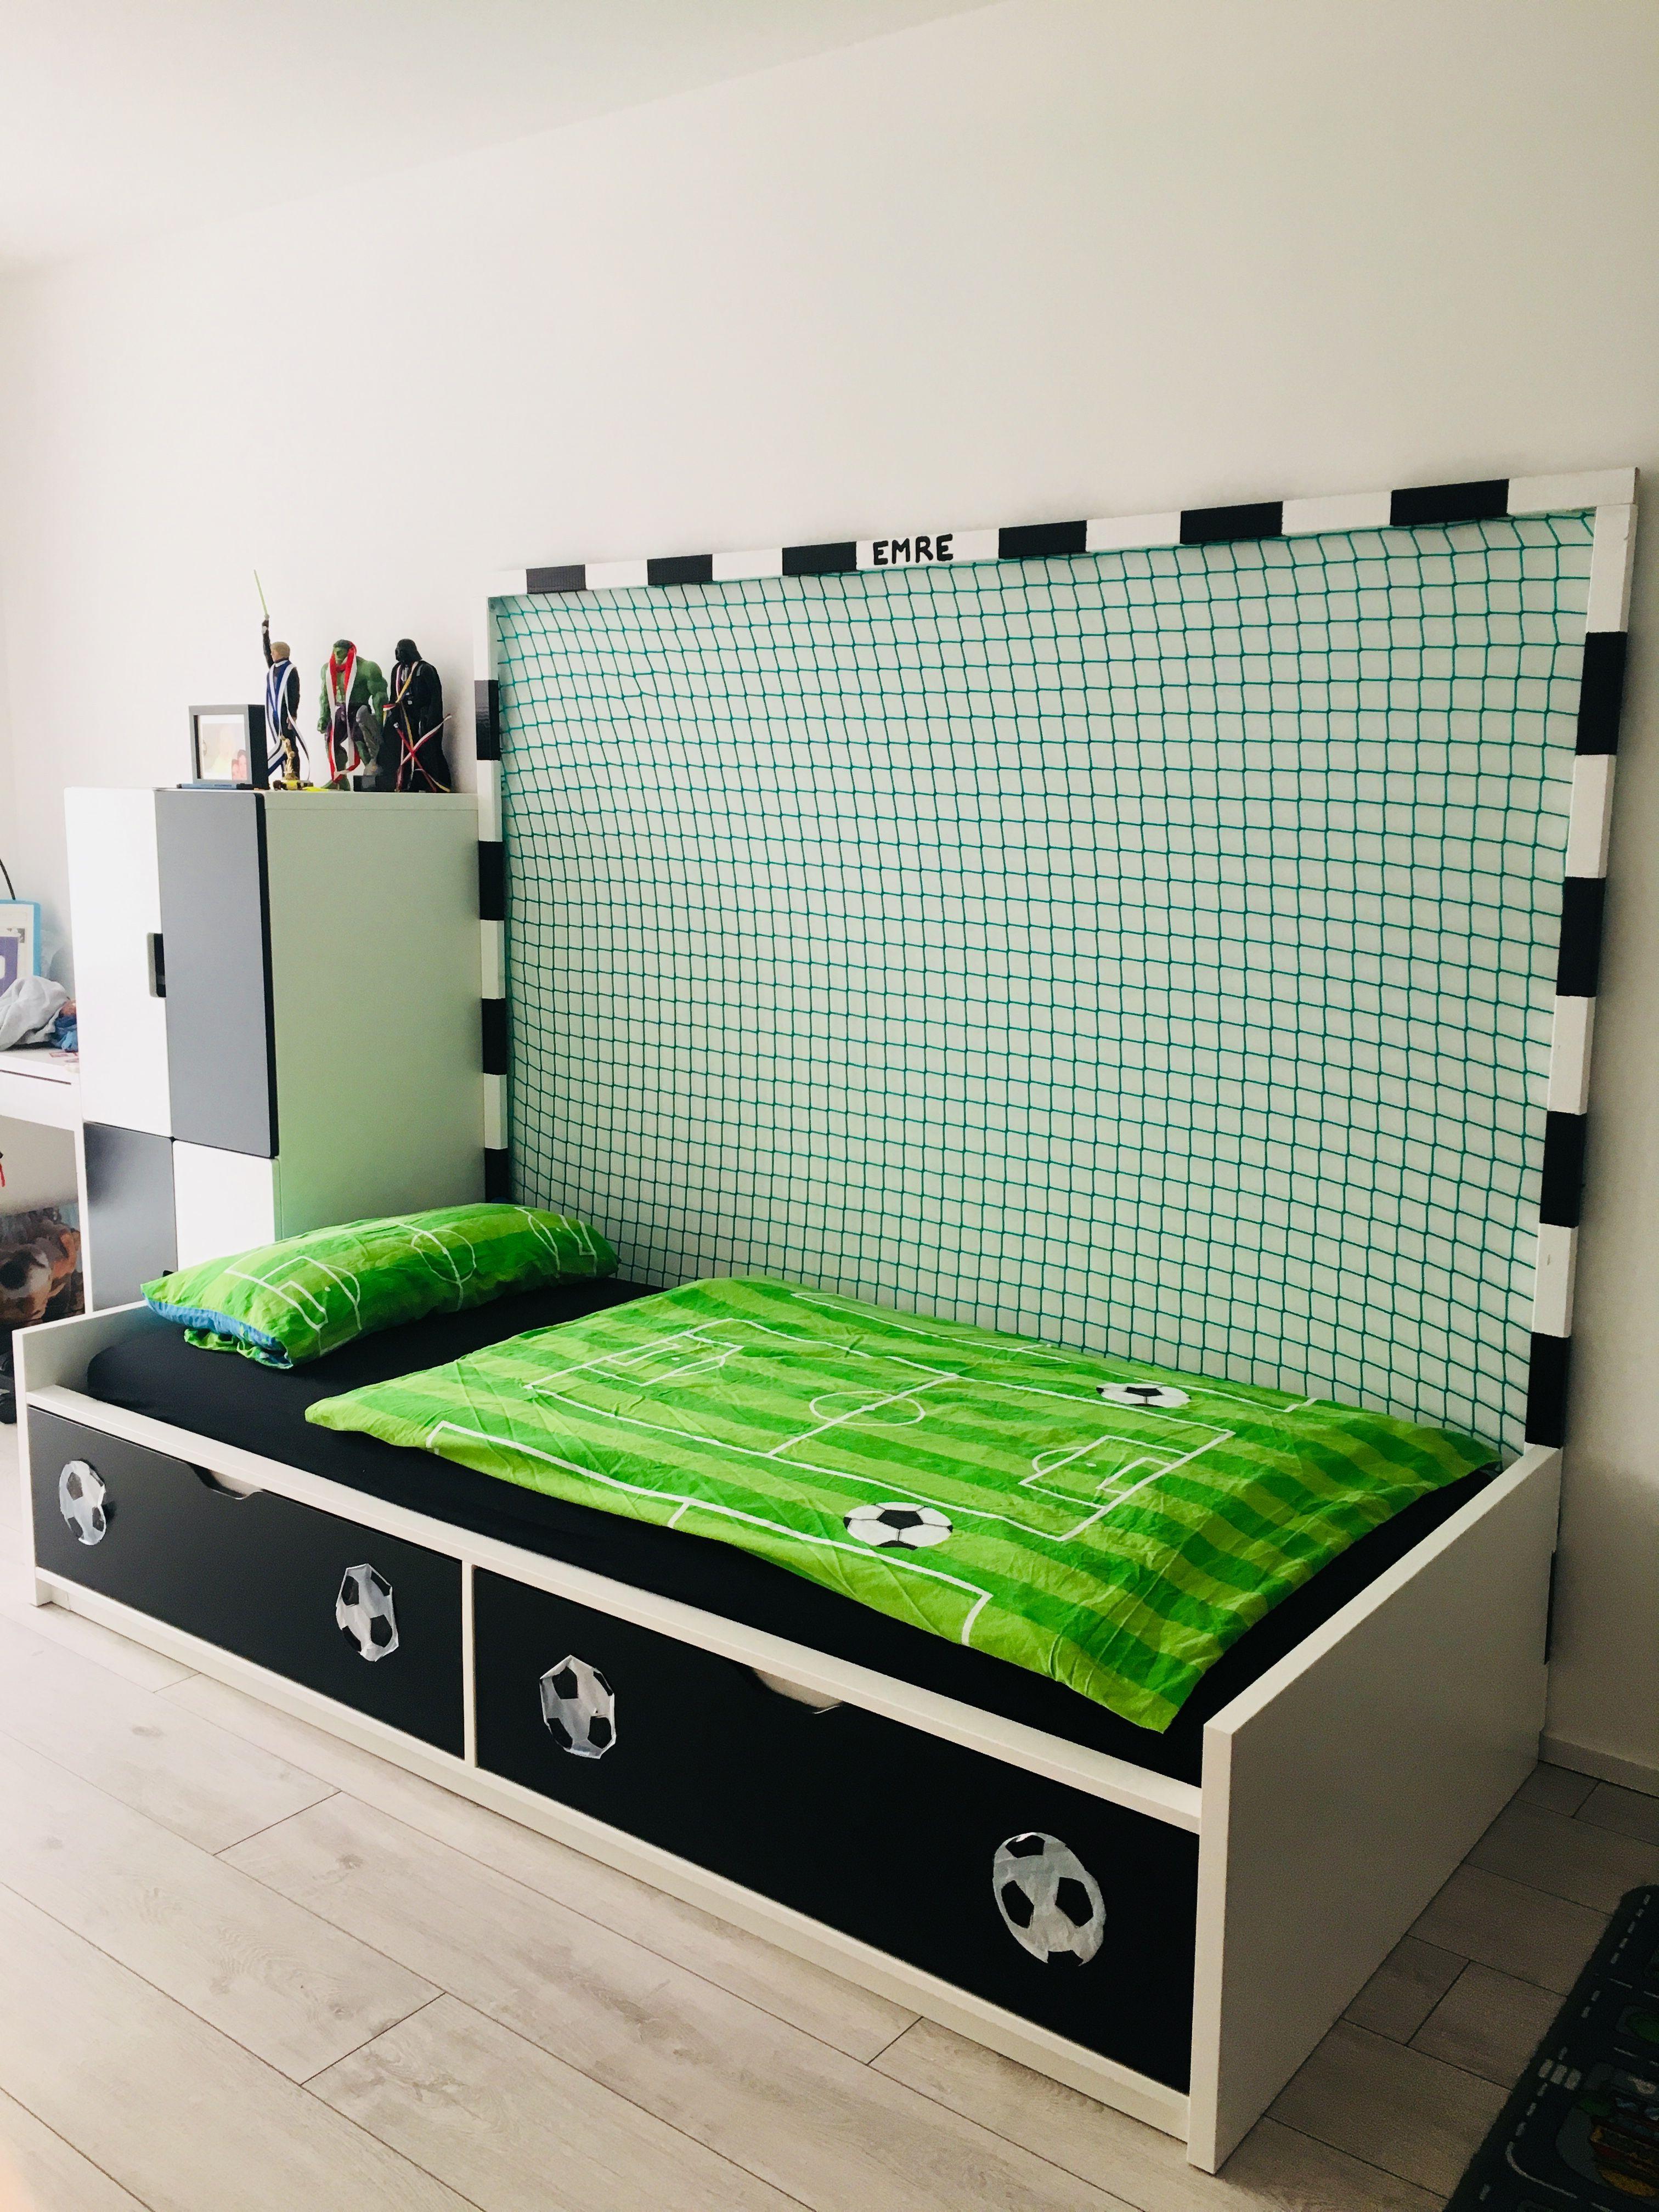 Fussballzimmer Kinderzimmer In 2019 Fussball Zimmer